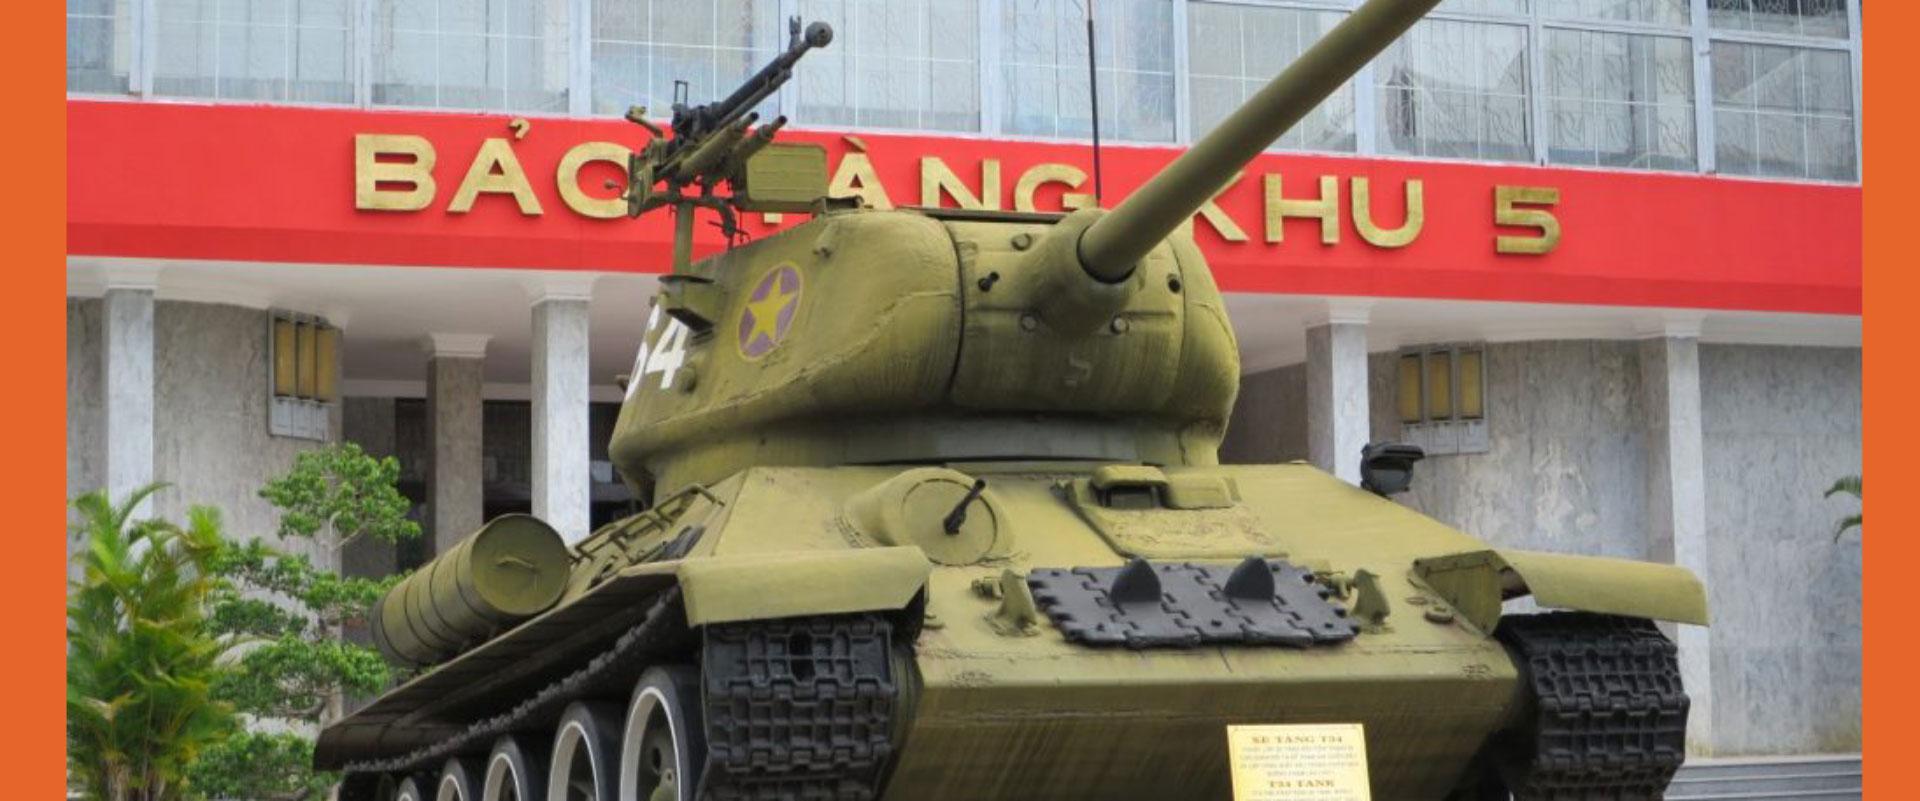 musee de la cinquième division militaire de Da Nang